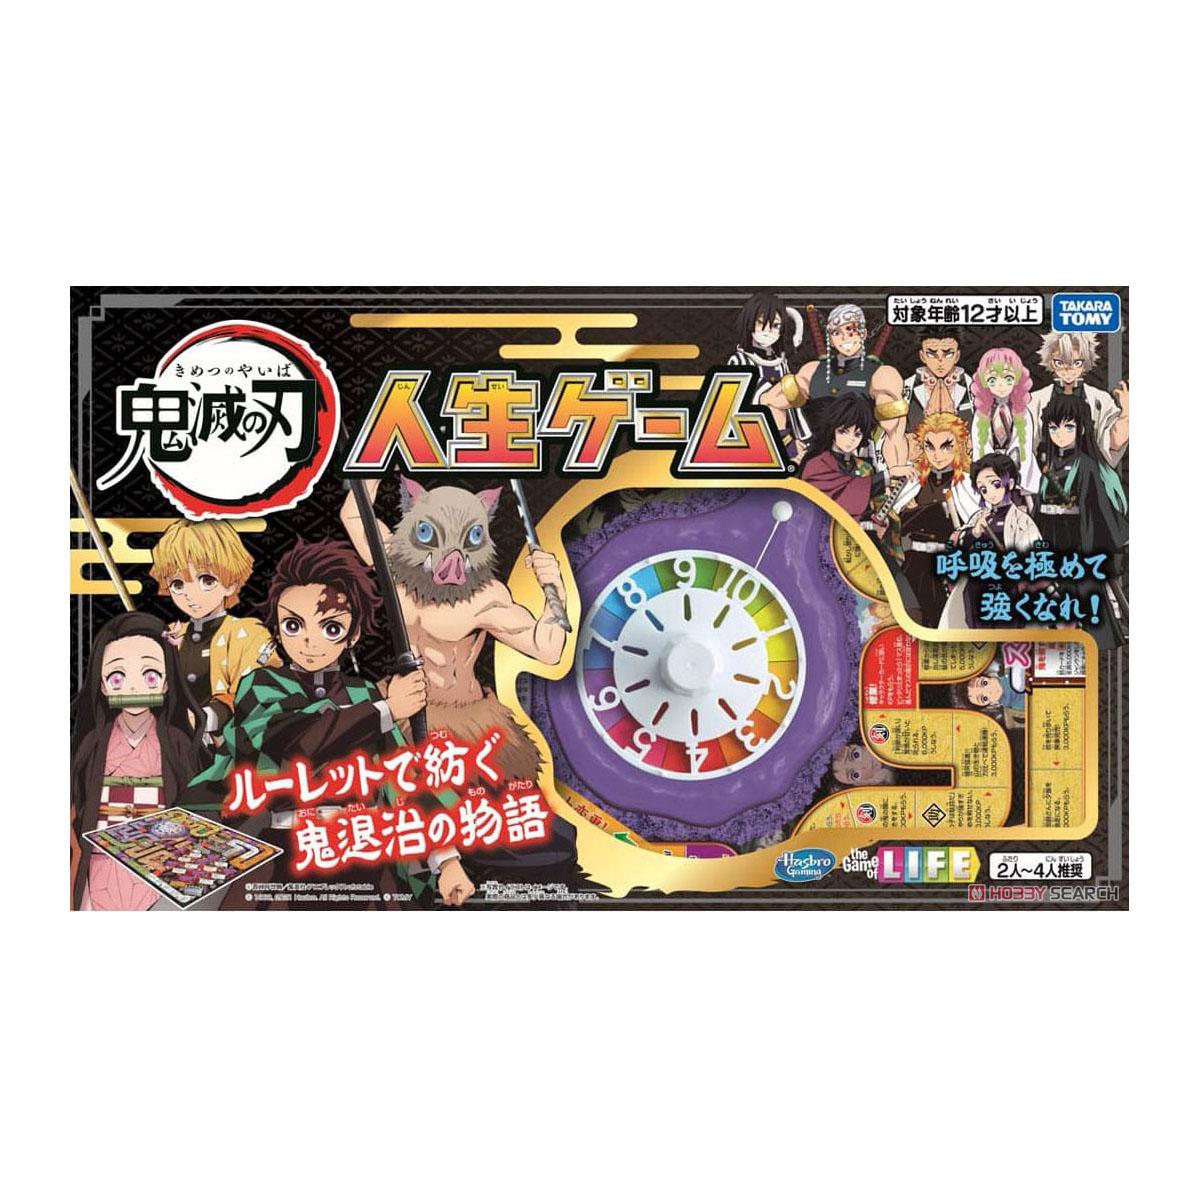 鬼滅の刃『鬼滅の刃 人生ゲーム』テーブルゲーム-001